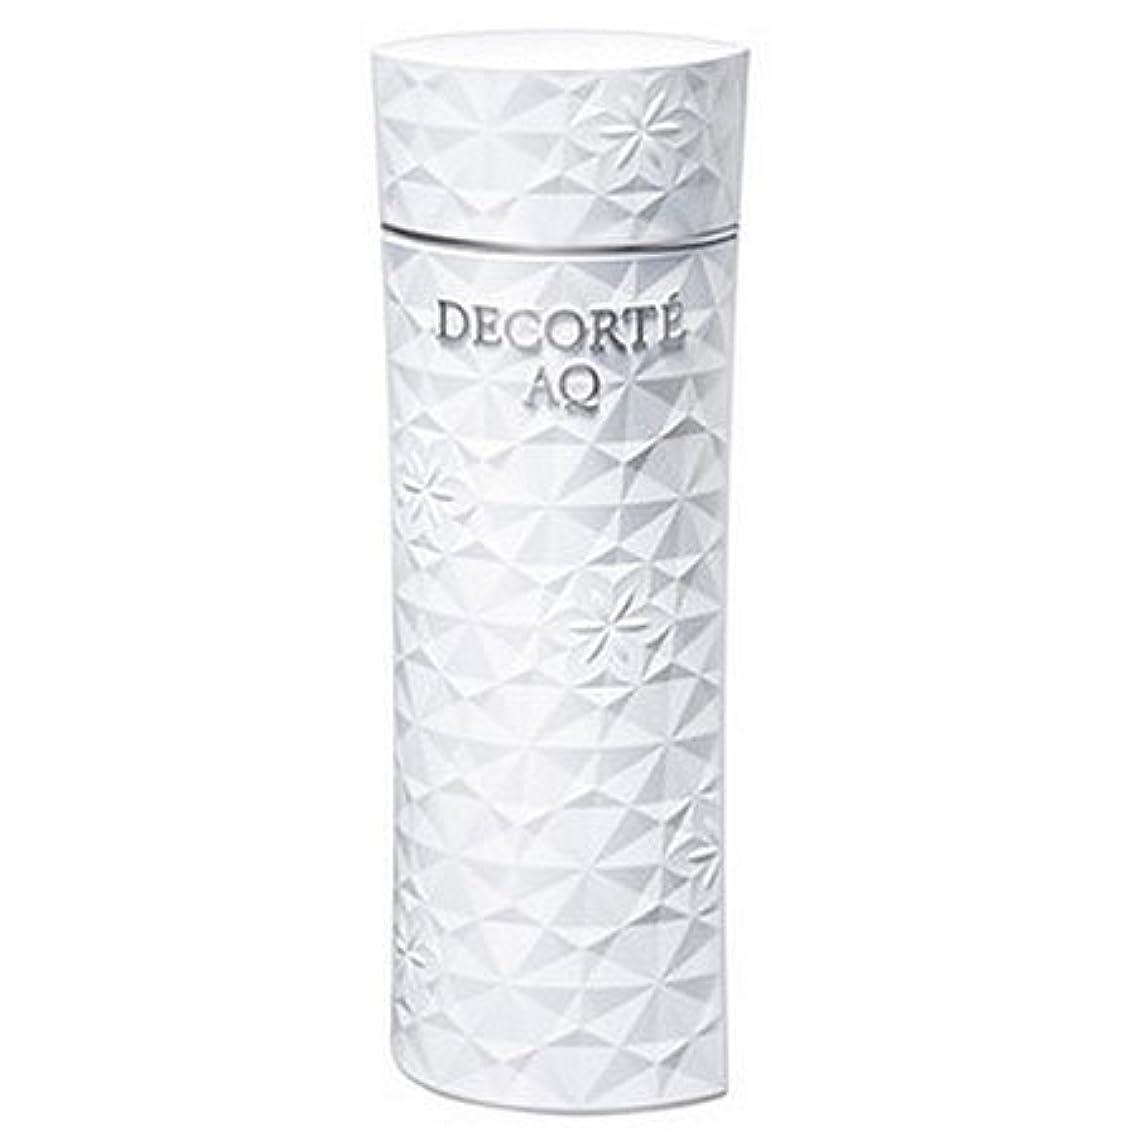 正しくゴルフグリーンバックコスメデコルテAQ ホワイトニング ローション 200ml -COSME DECORTE-